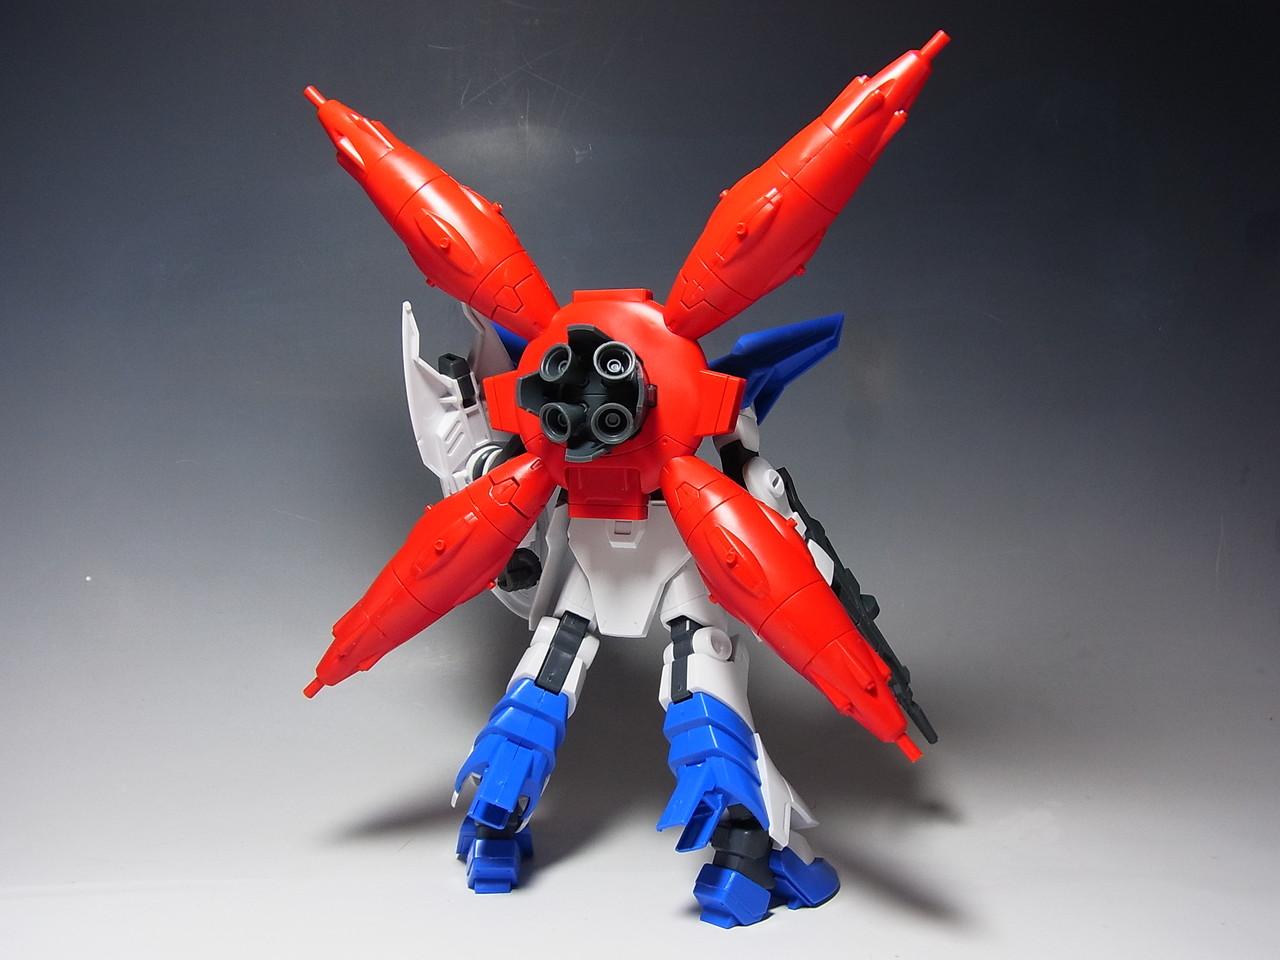 大きな赤いXが背中に装着されました。まさにXアストレイですね。とても印象が変わりました。実際には各所に白がたくさん入るので、塗装後はまた一段と印象が変わること